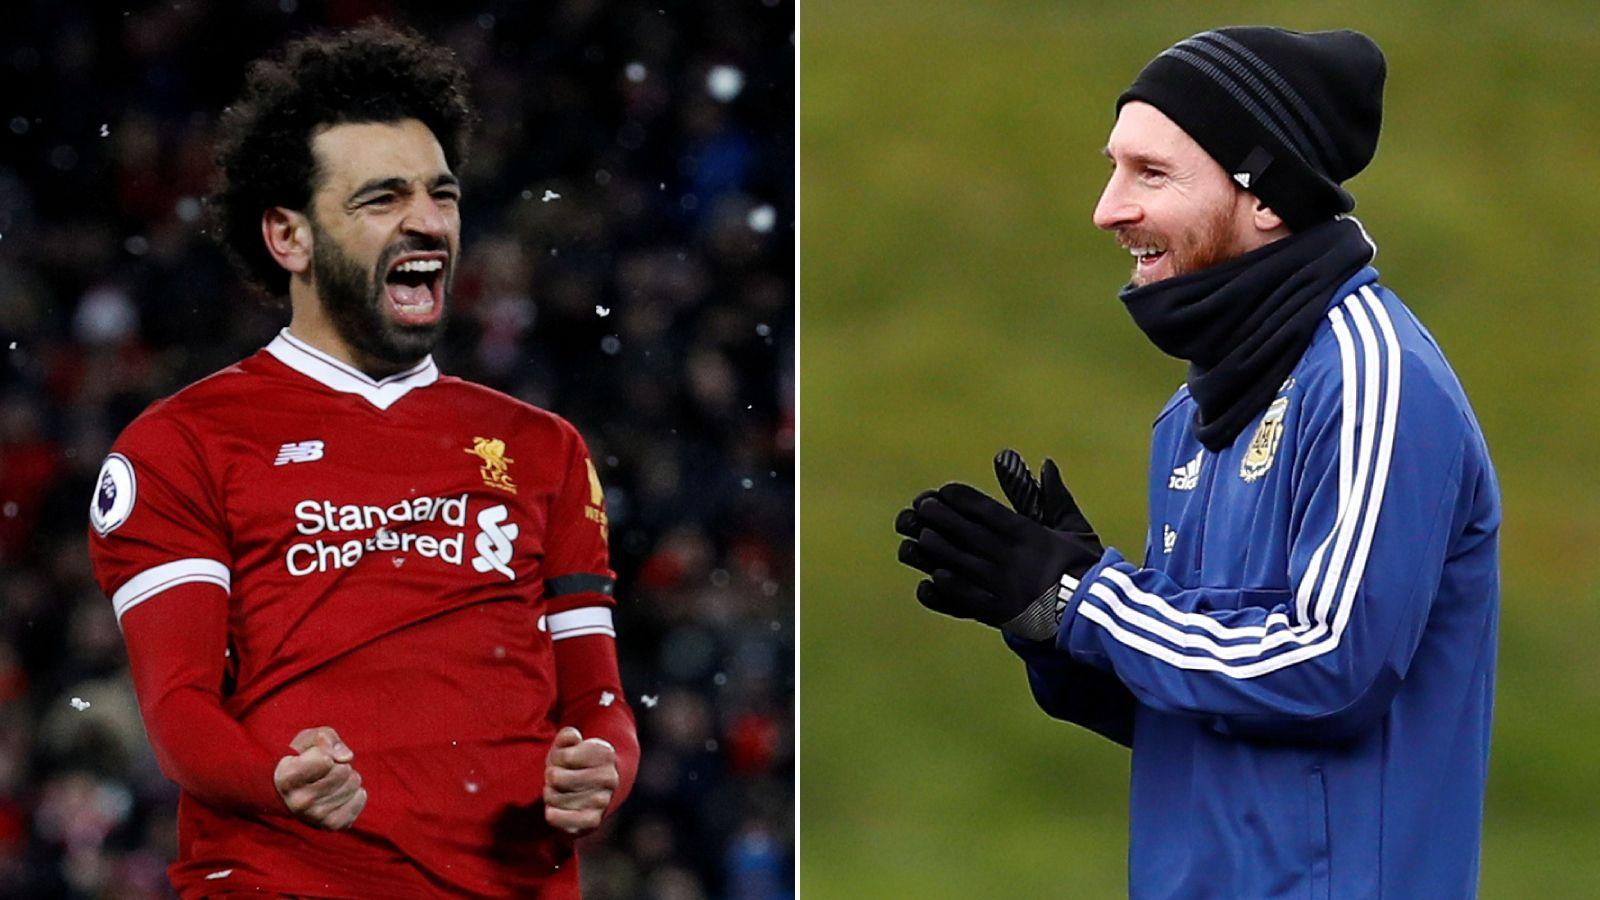 MÅLMASKINER: Mohamed Salah og Lionel Messi.